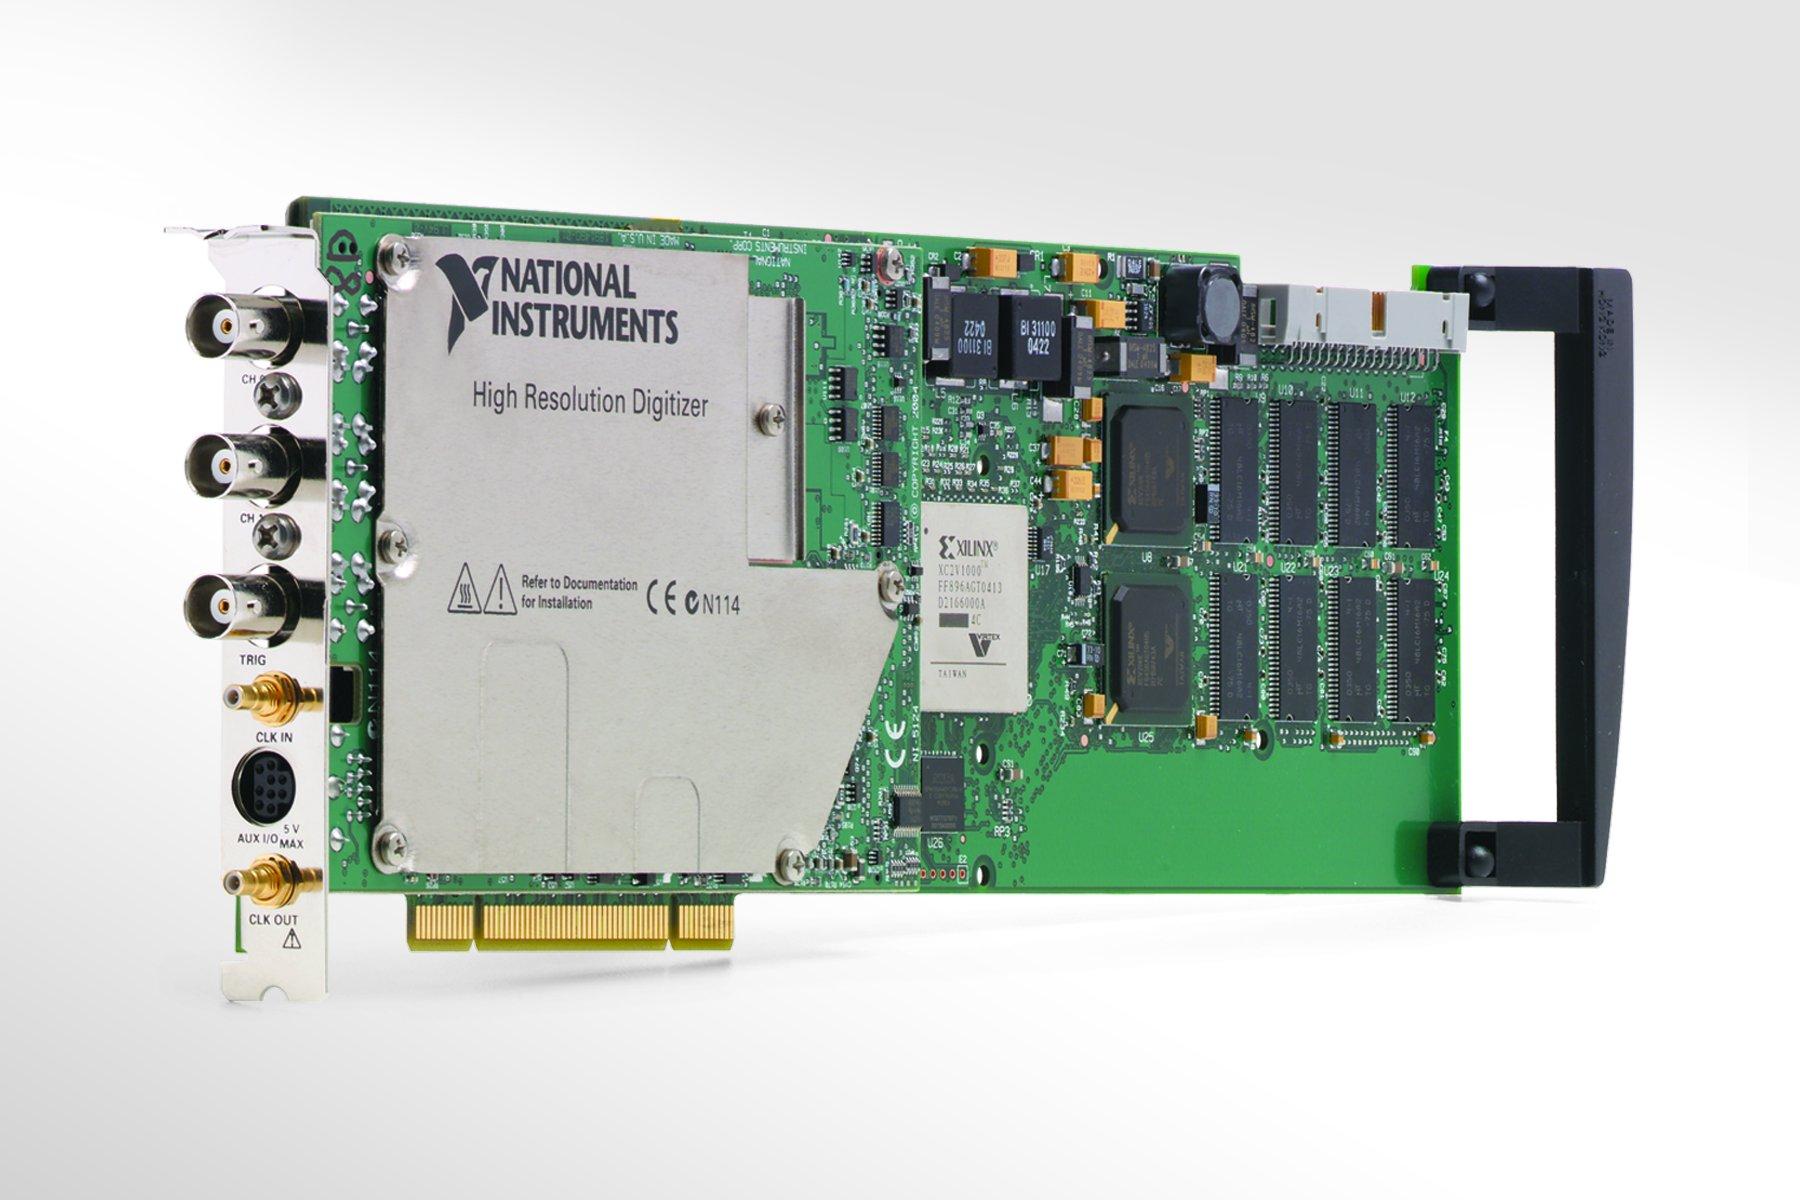 PCI 5124 200MSs digitizer